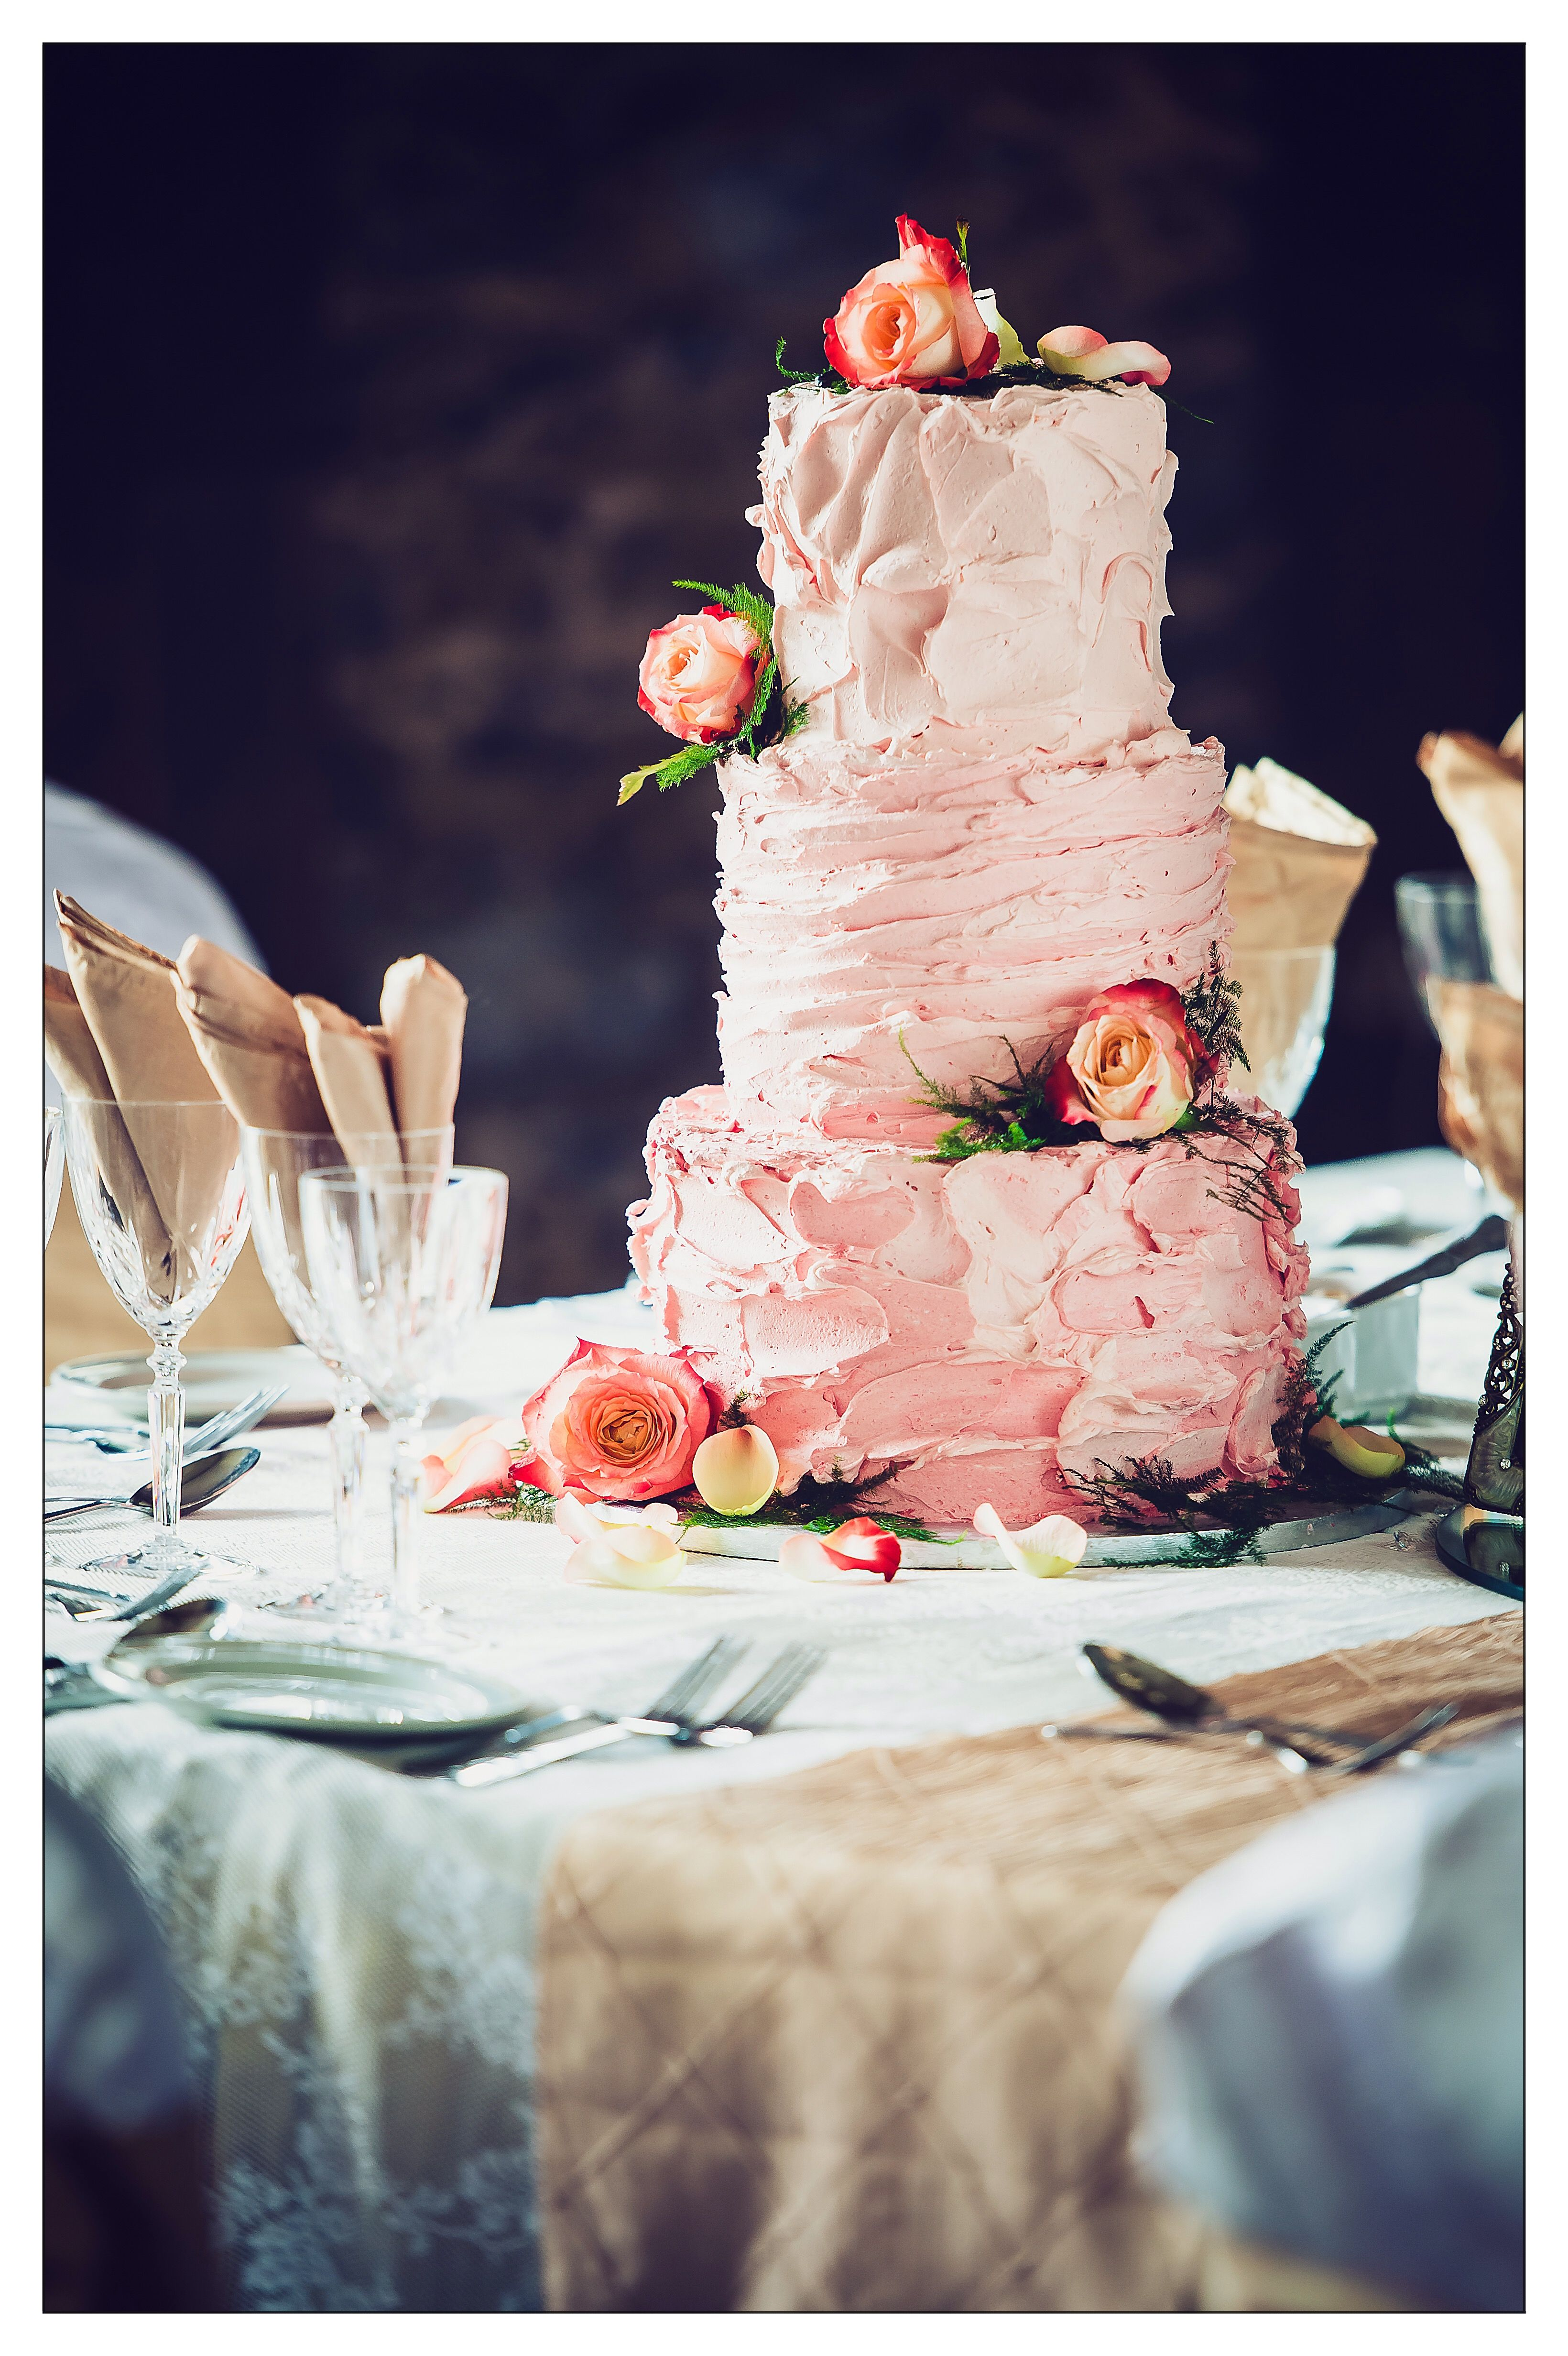 Garden wedding ake idea - floral wedding cake with gold